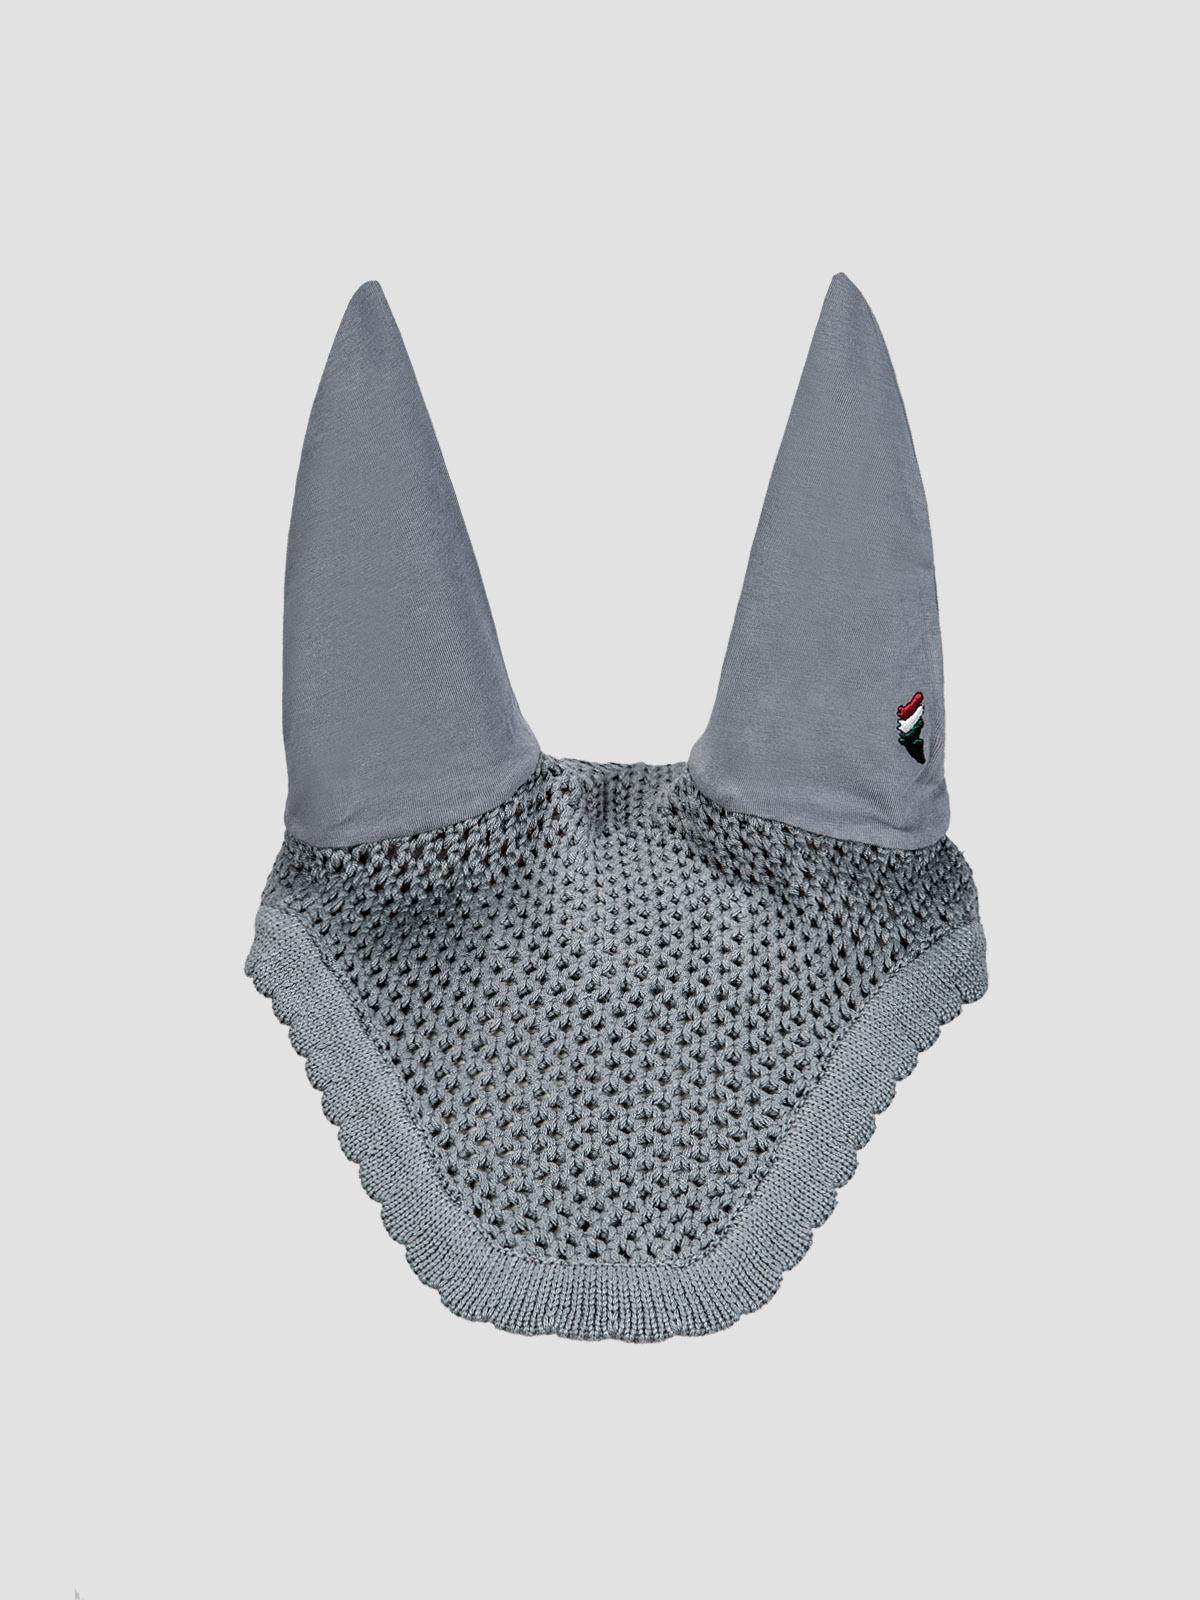 KIM - Ear Bonnet 3